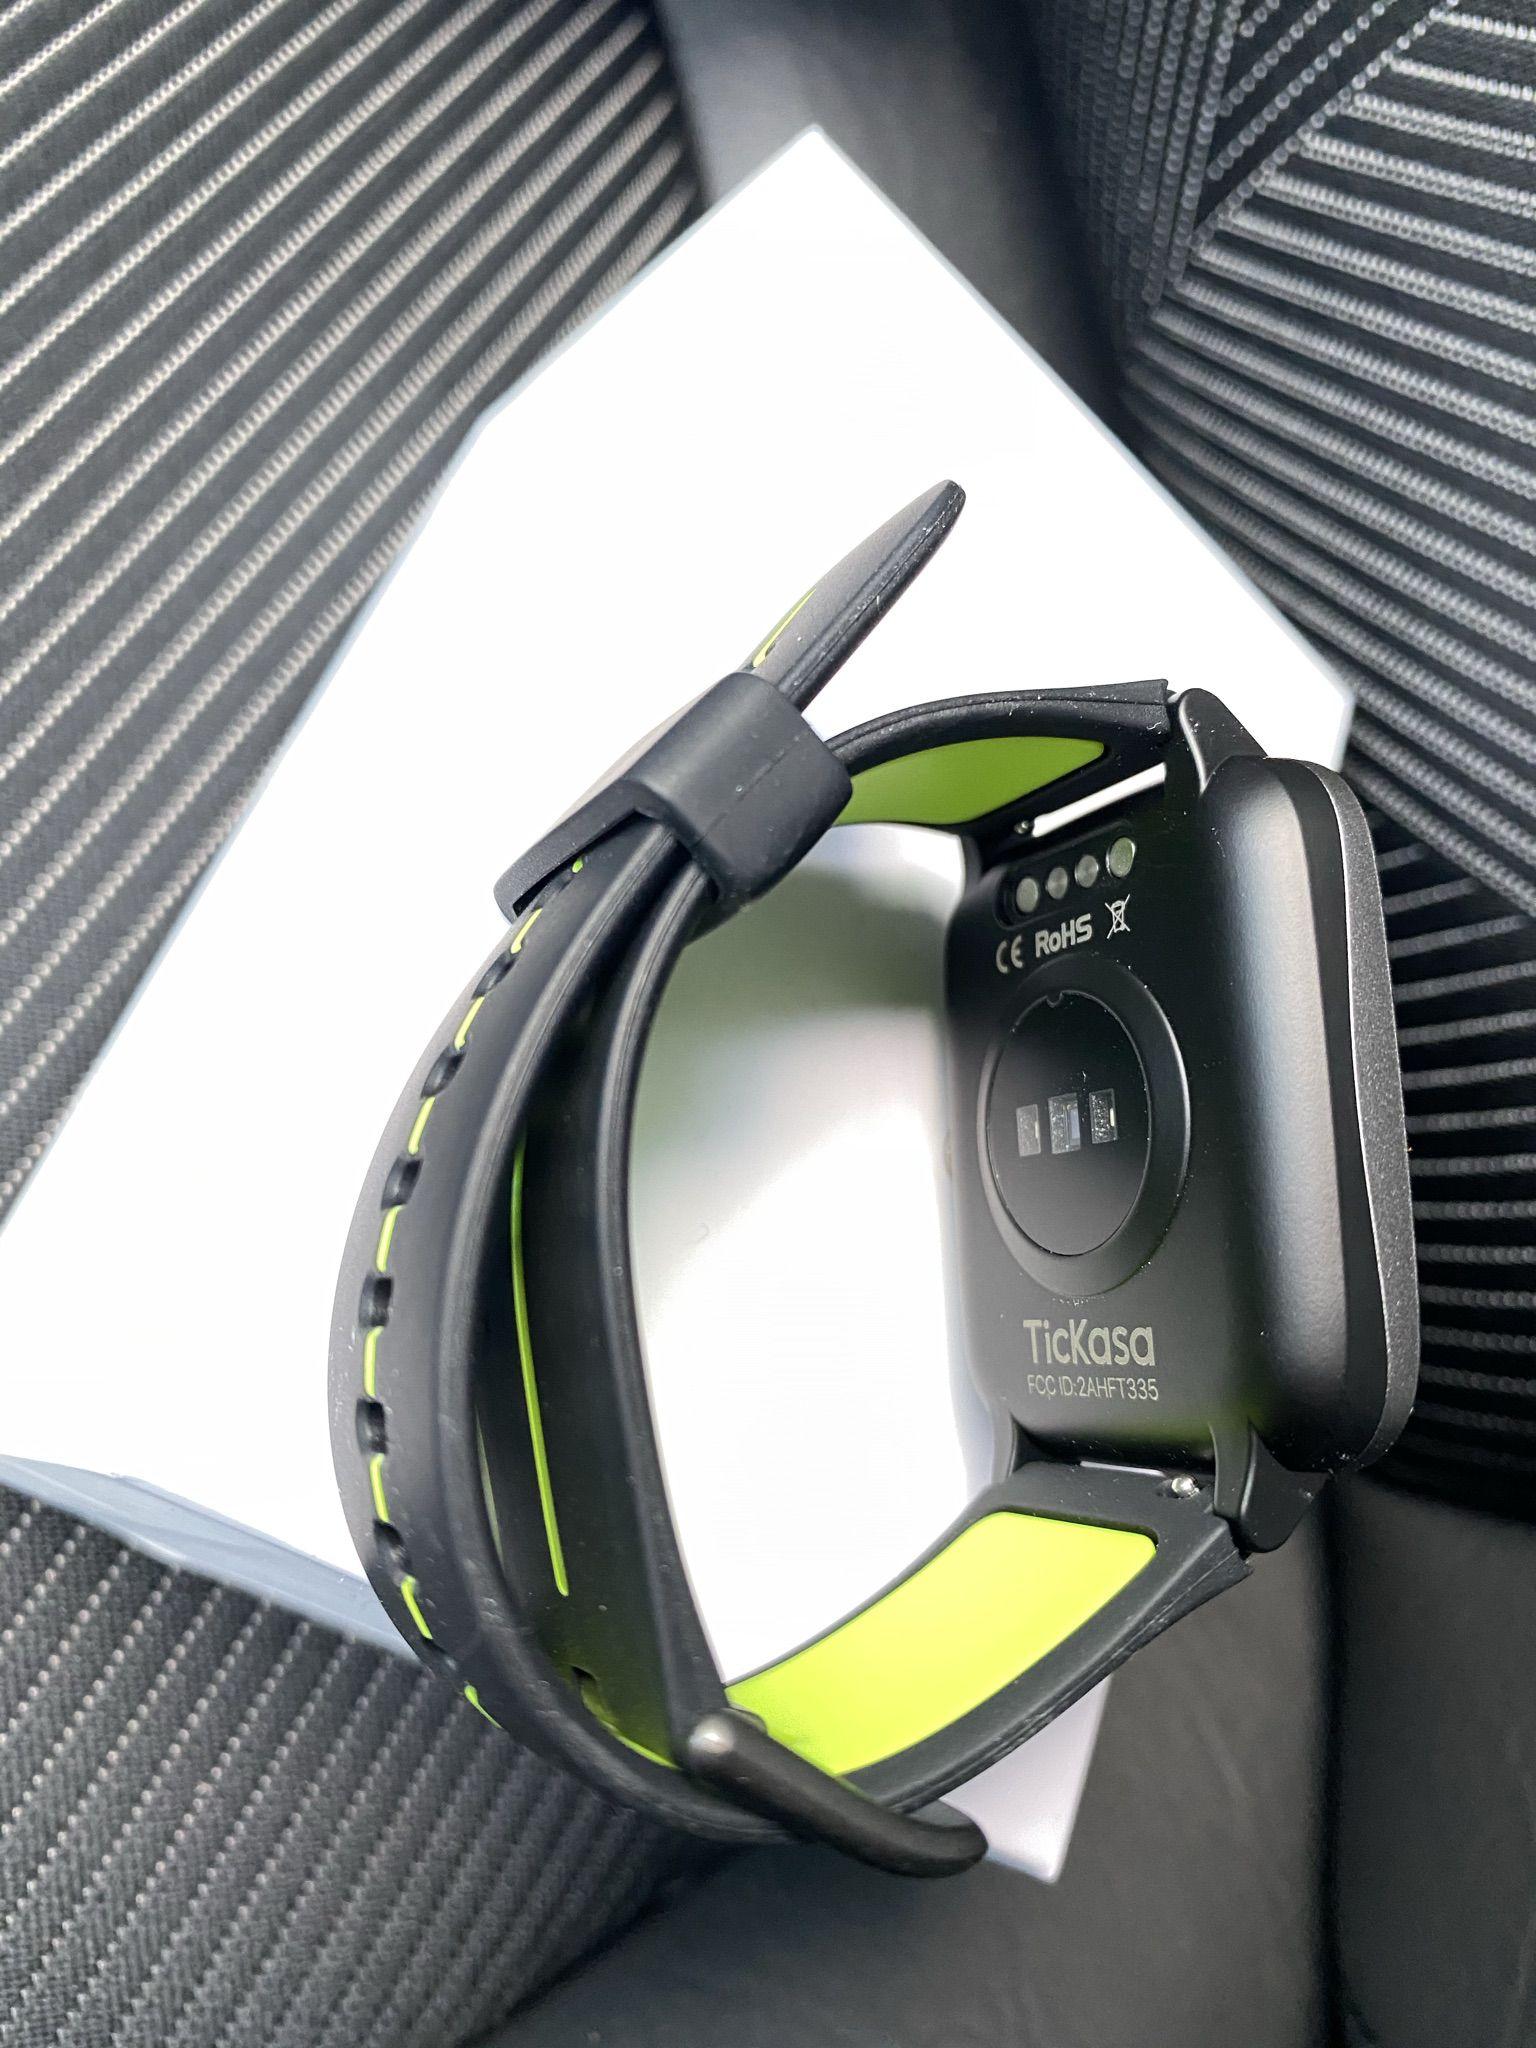 Recensione-TicKasa-Vibrant-14 Recensione TicKasa Vibrant, Fitness Smartwatch Economico